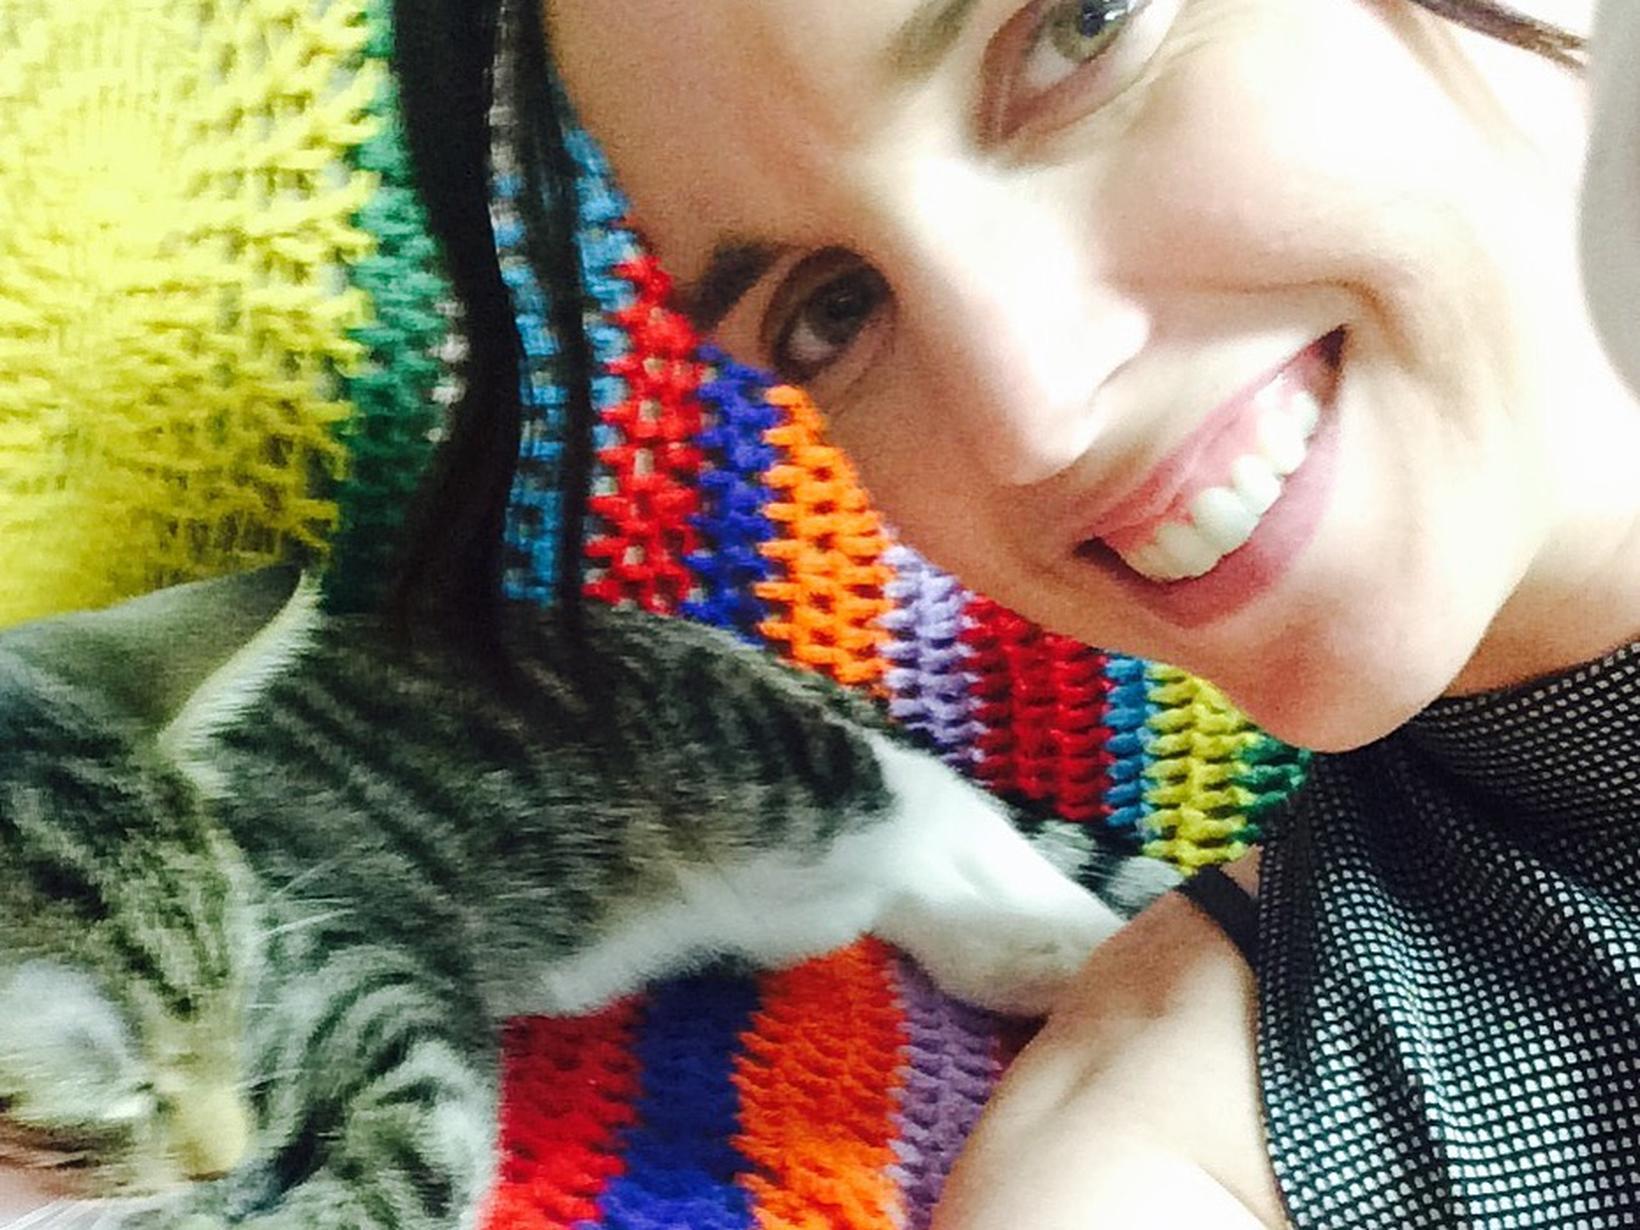 Angela from Brisbane, Queensland, Australia